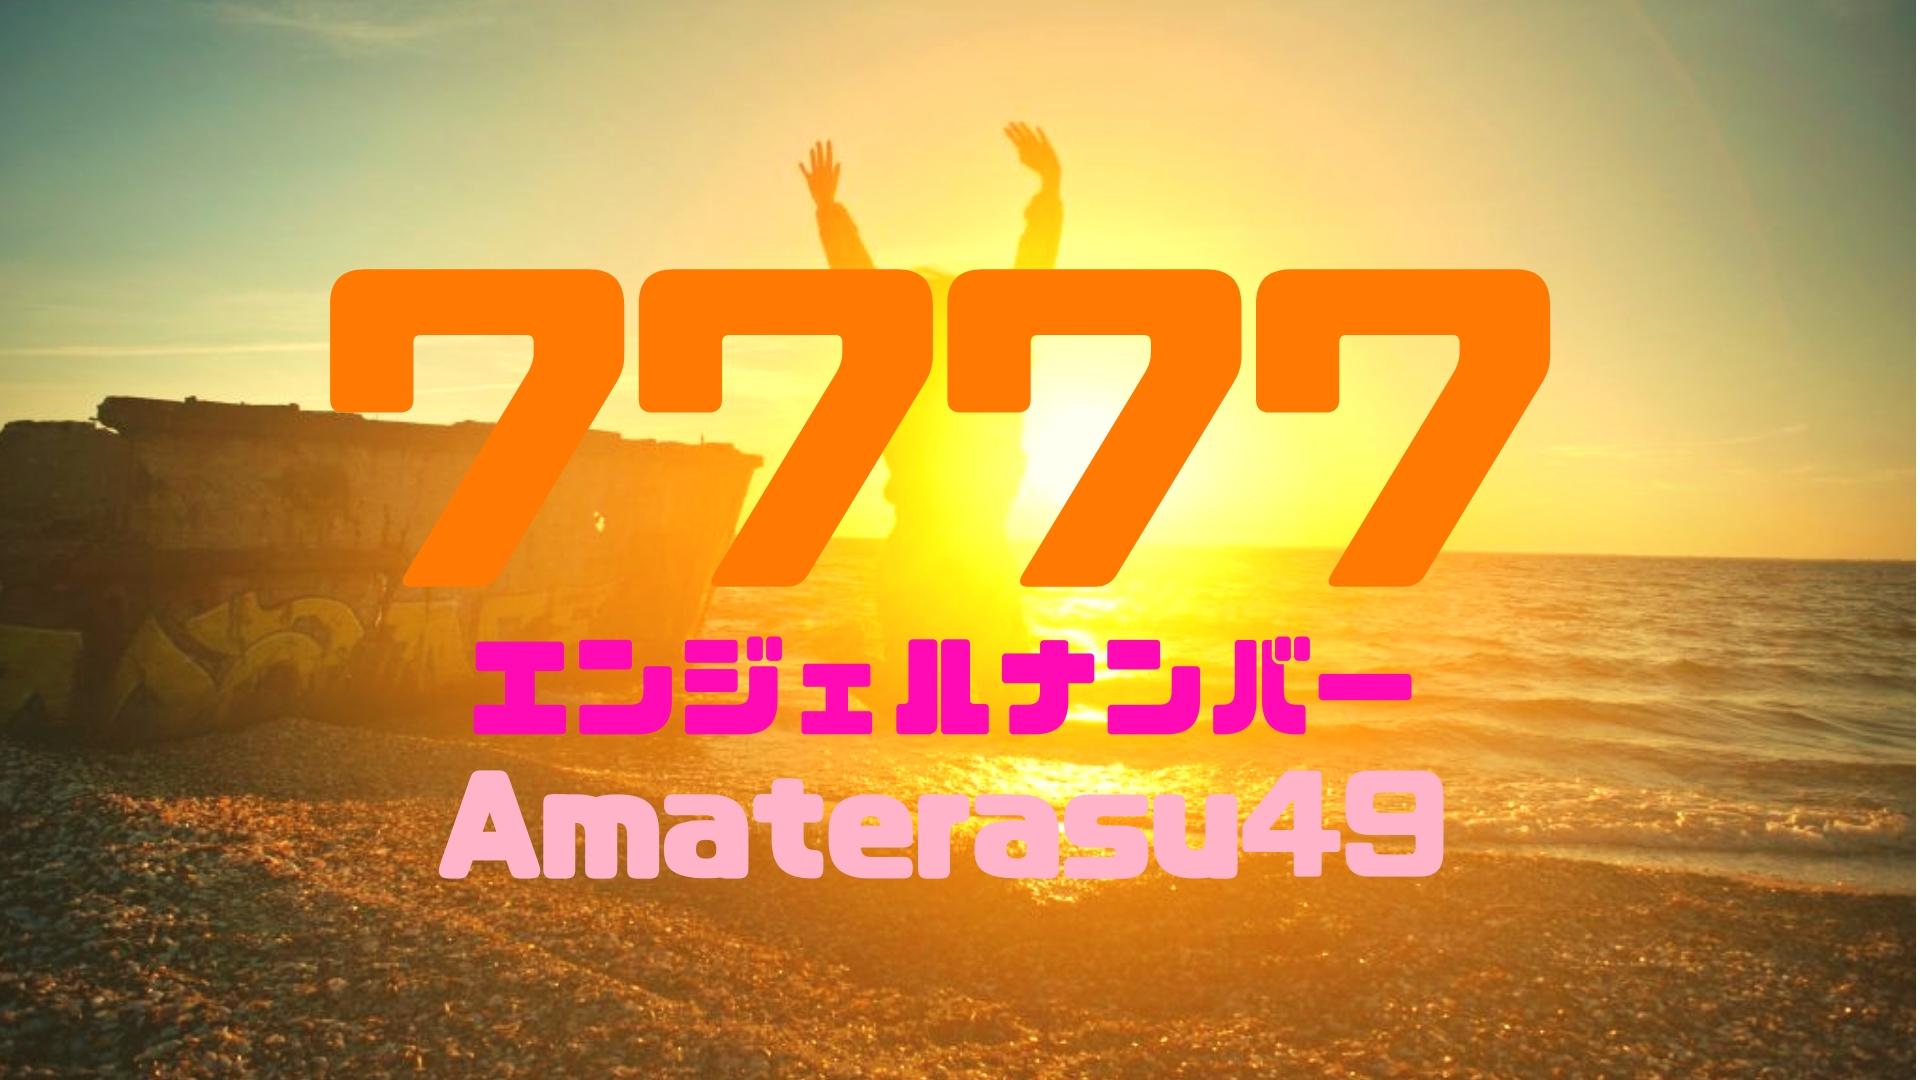 エンジェルナンバー【7777】の意味とは?恋愛、復縁、仕事等に関する天使からのメッセージを紹介!